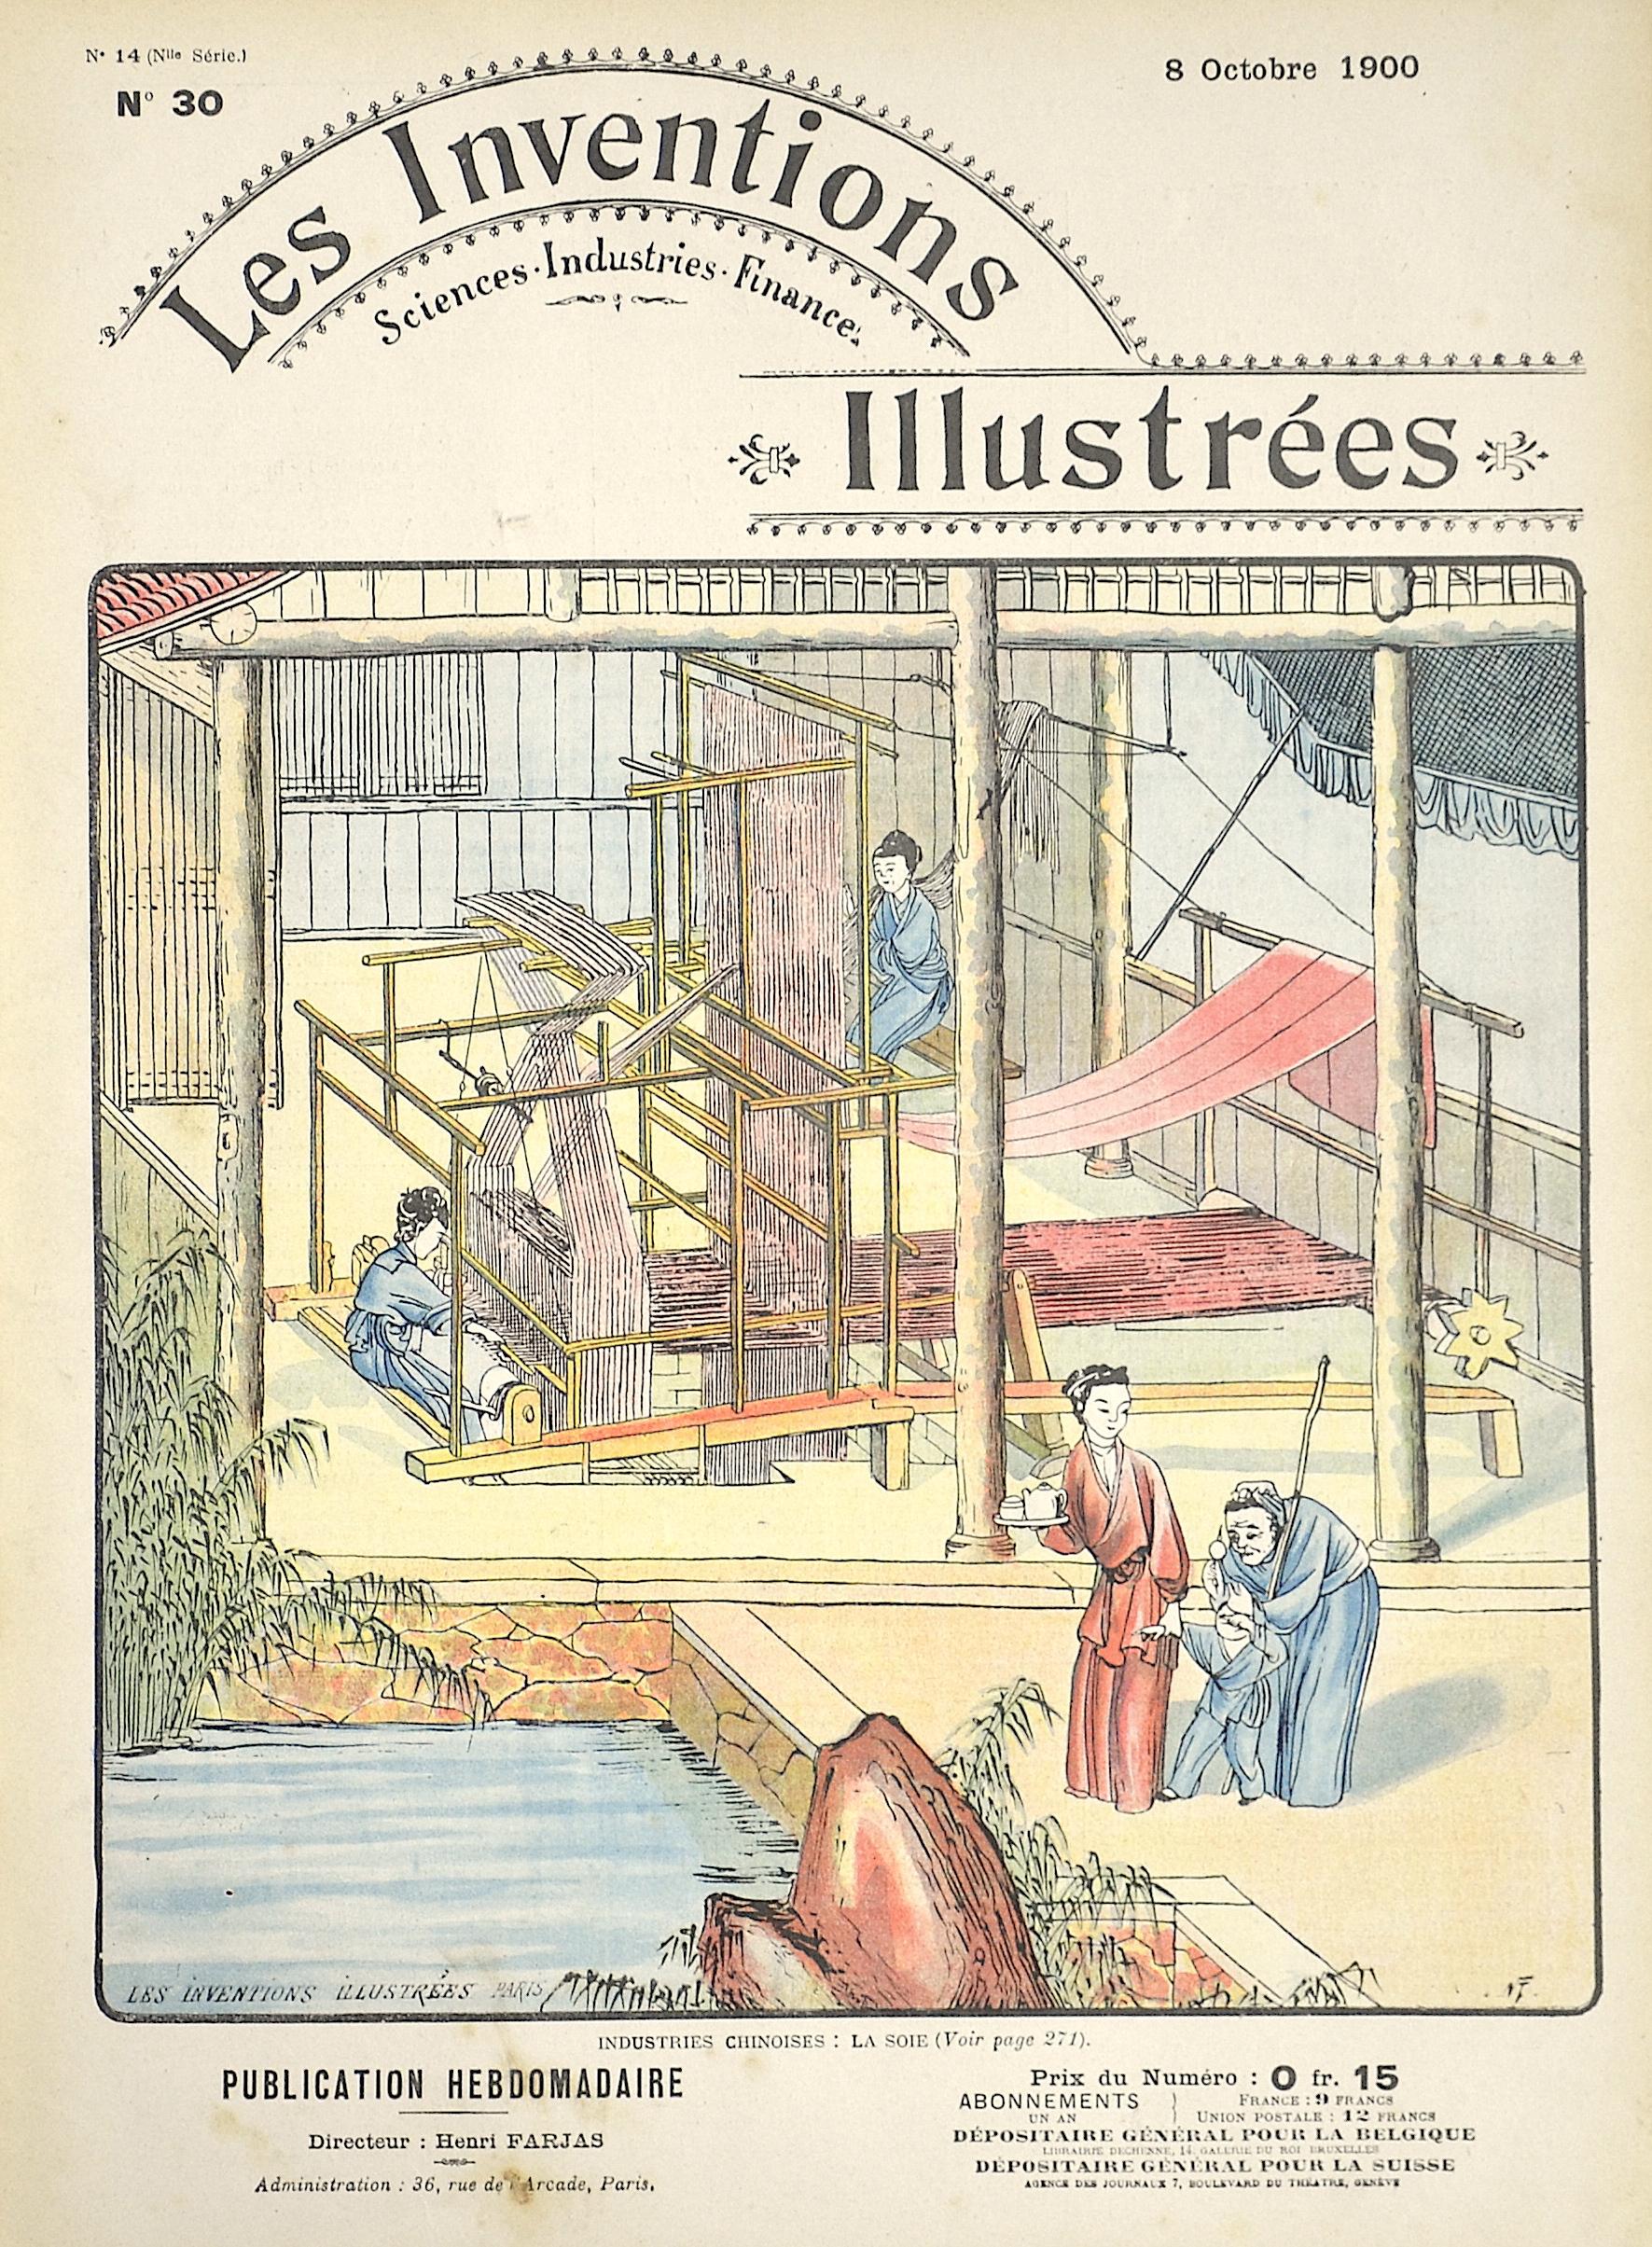 Brunet E. Les Inventions Illustrées / Industries Chinoises: La Soie